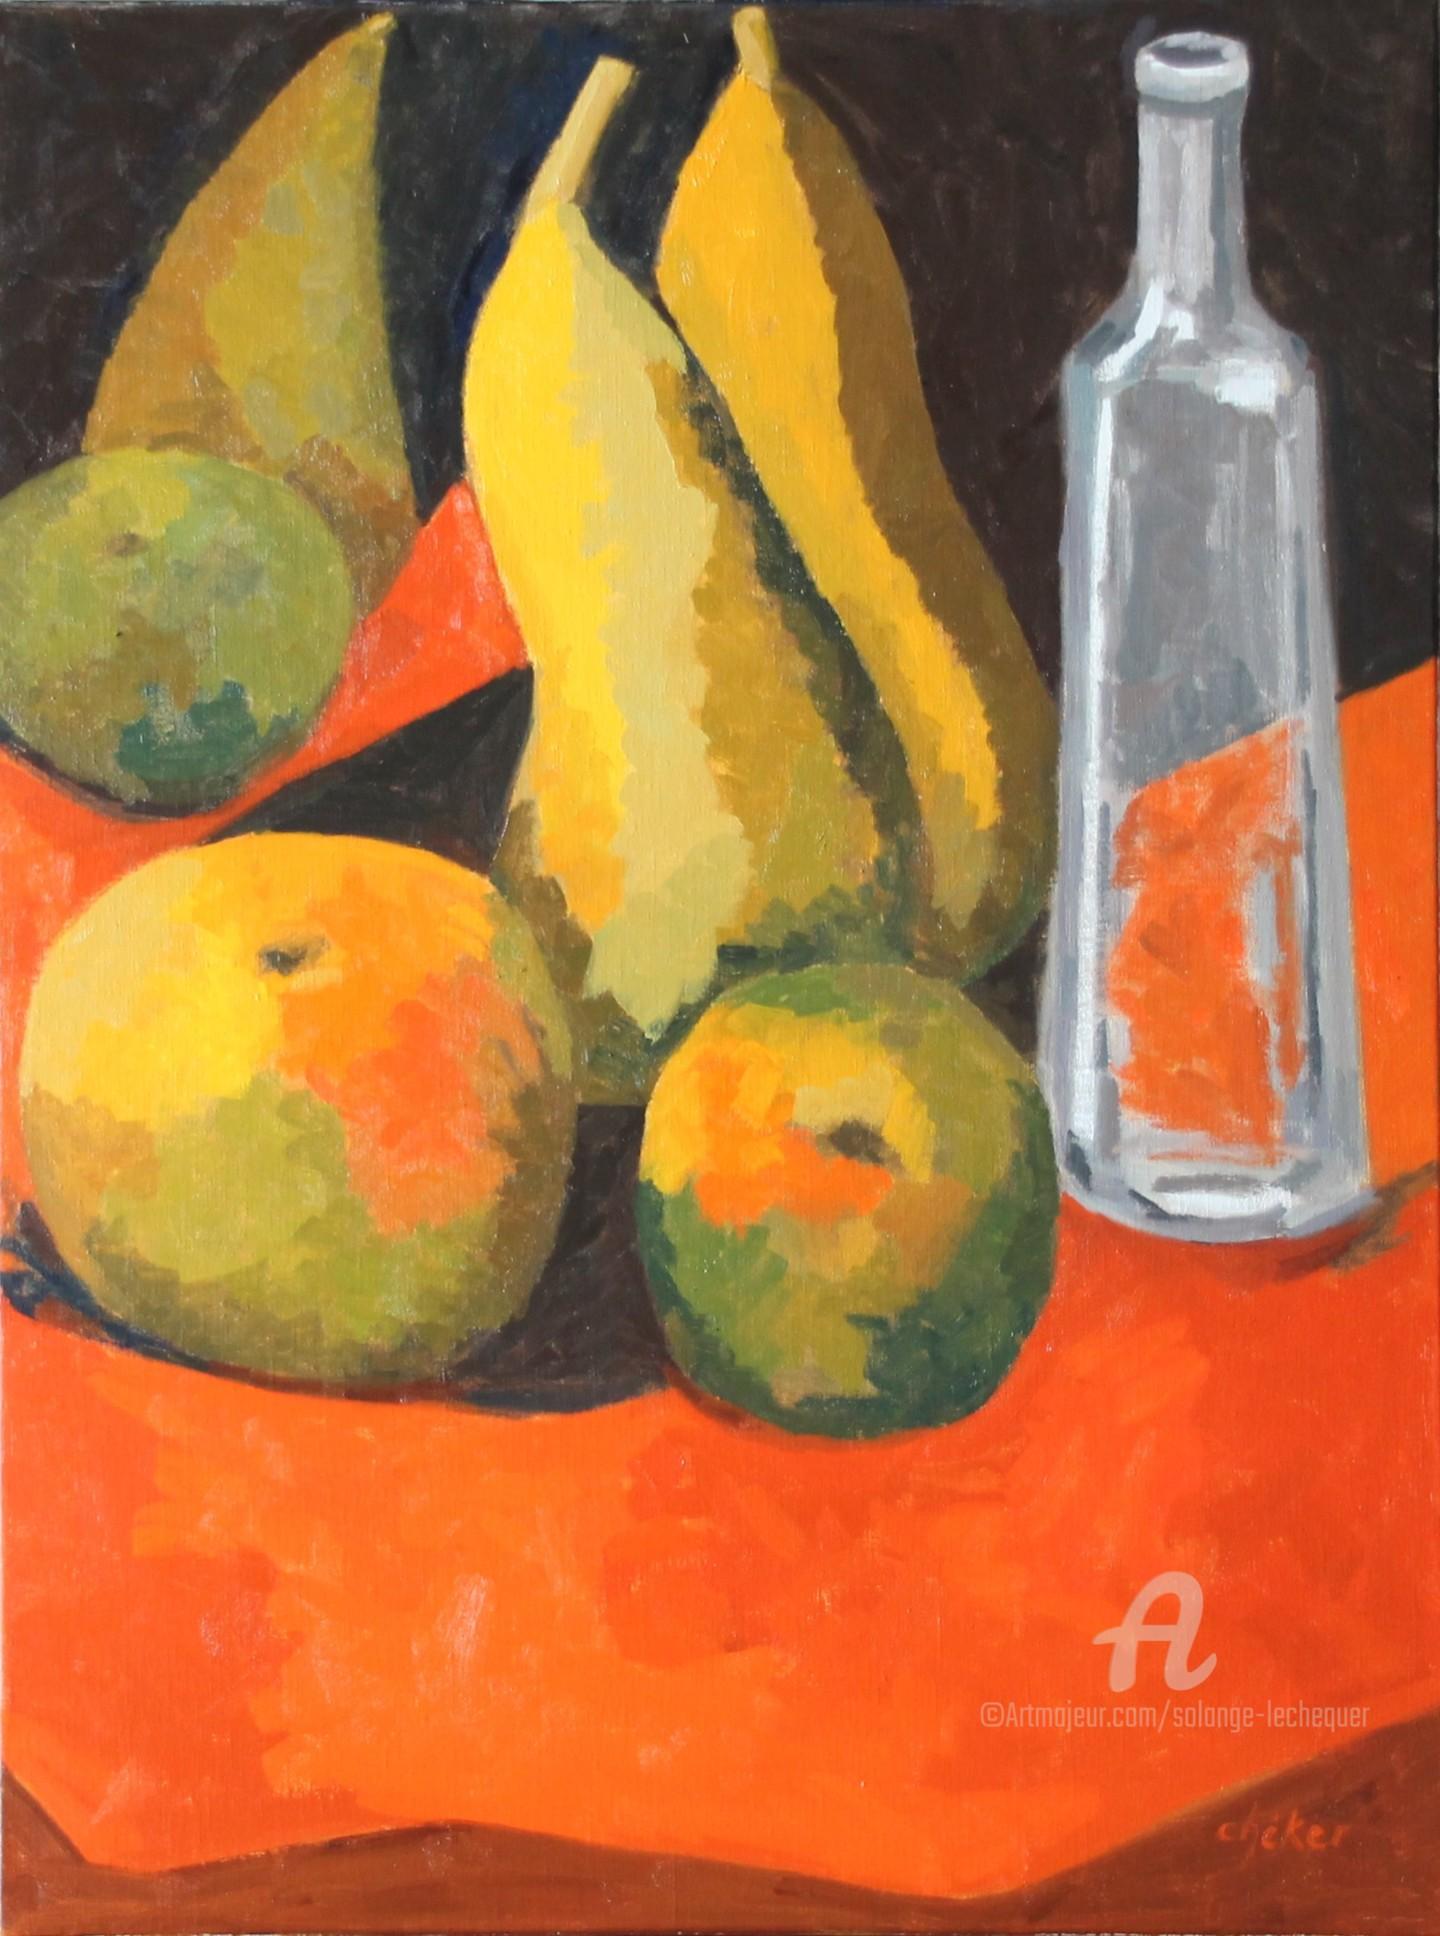 CHéKER - Fruits et bouteille Limoncino